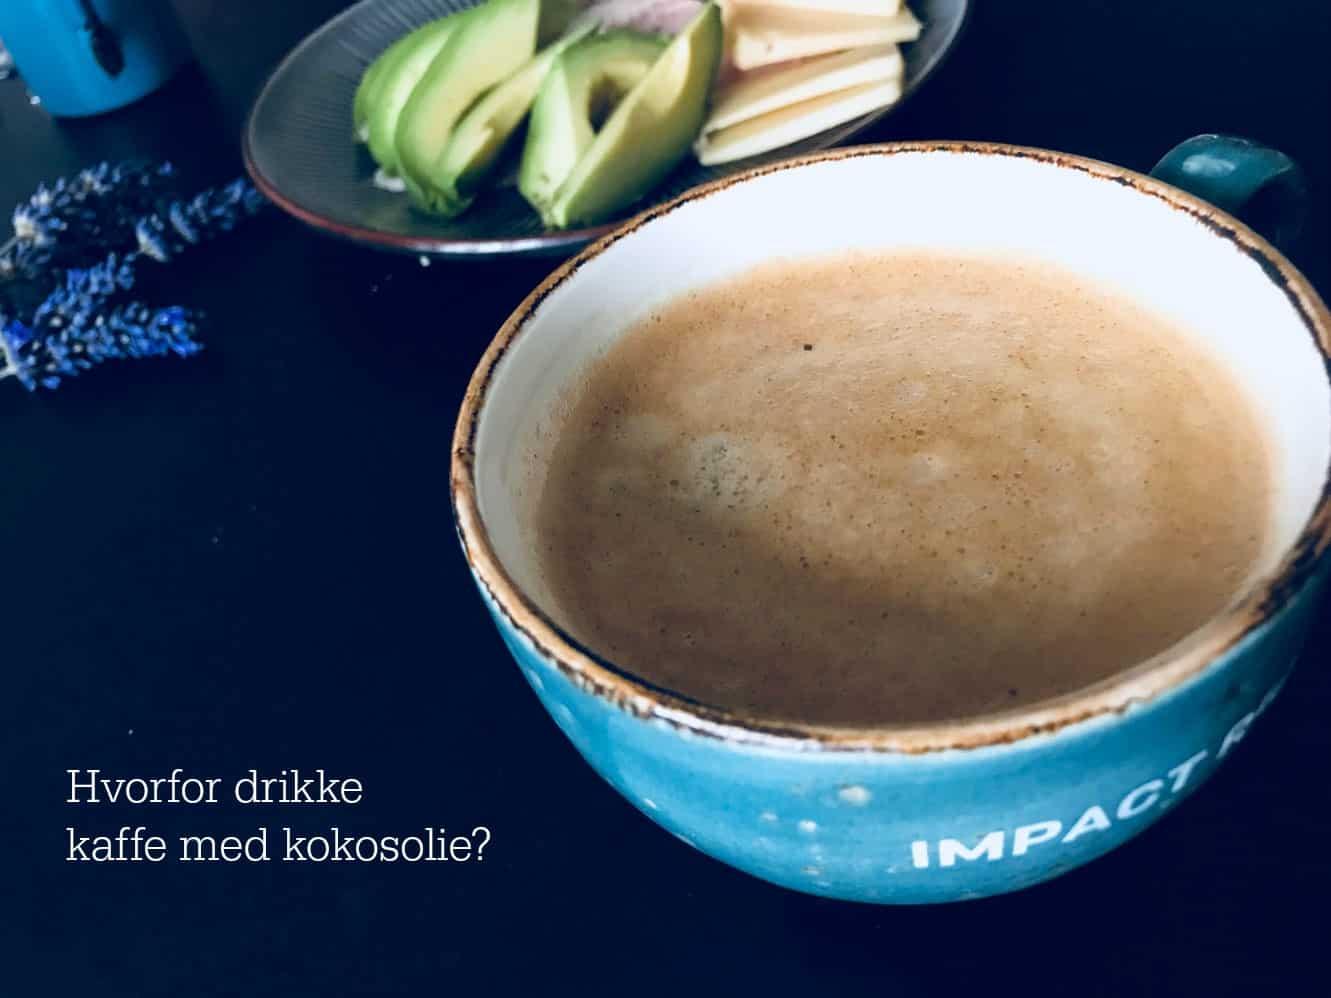 Hvorfor drikke kaffe med kokosolie? Hvordan, hvor meget og hvorfor putte kokosolie i sin kaffe.